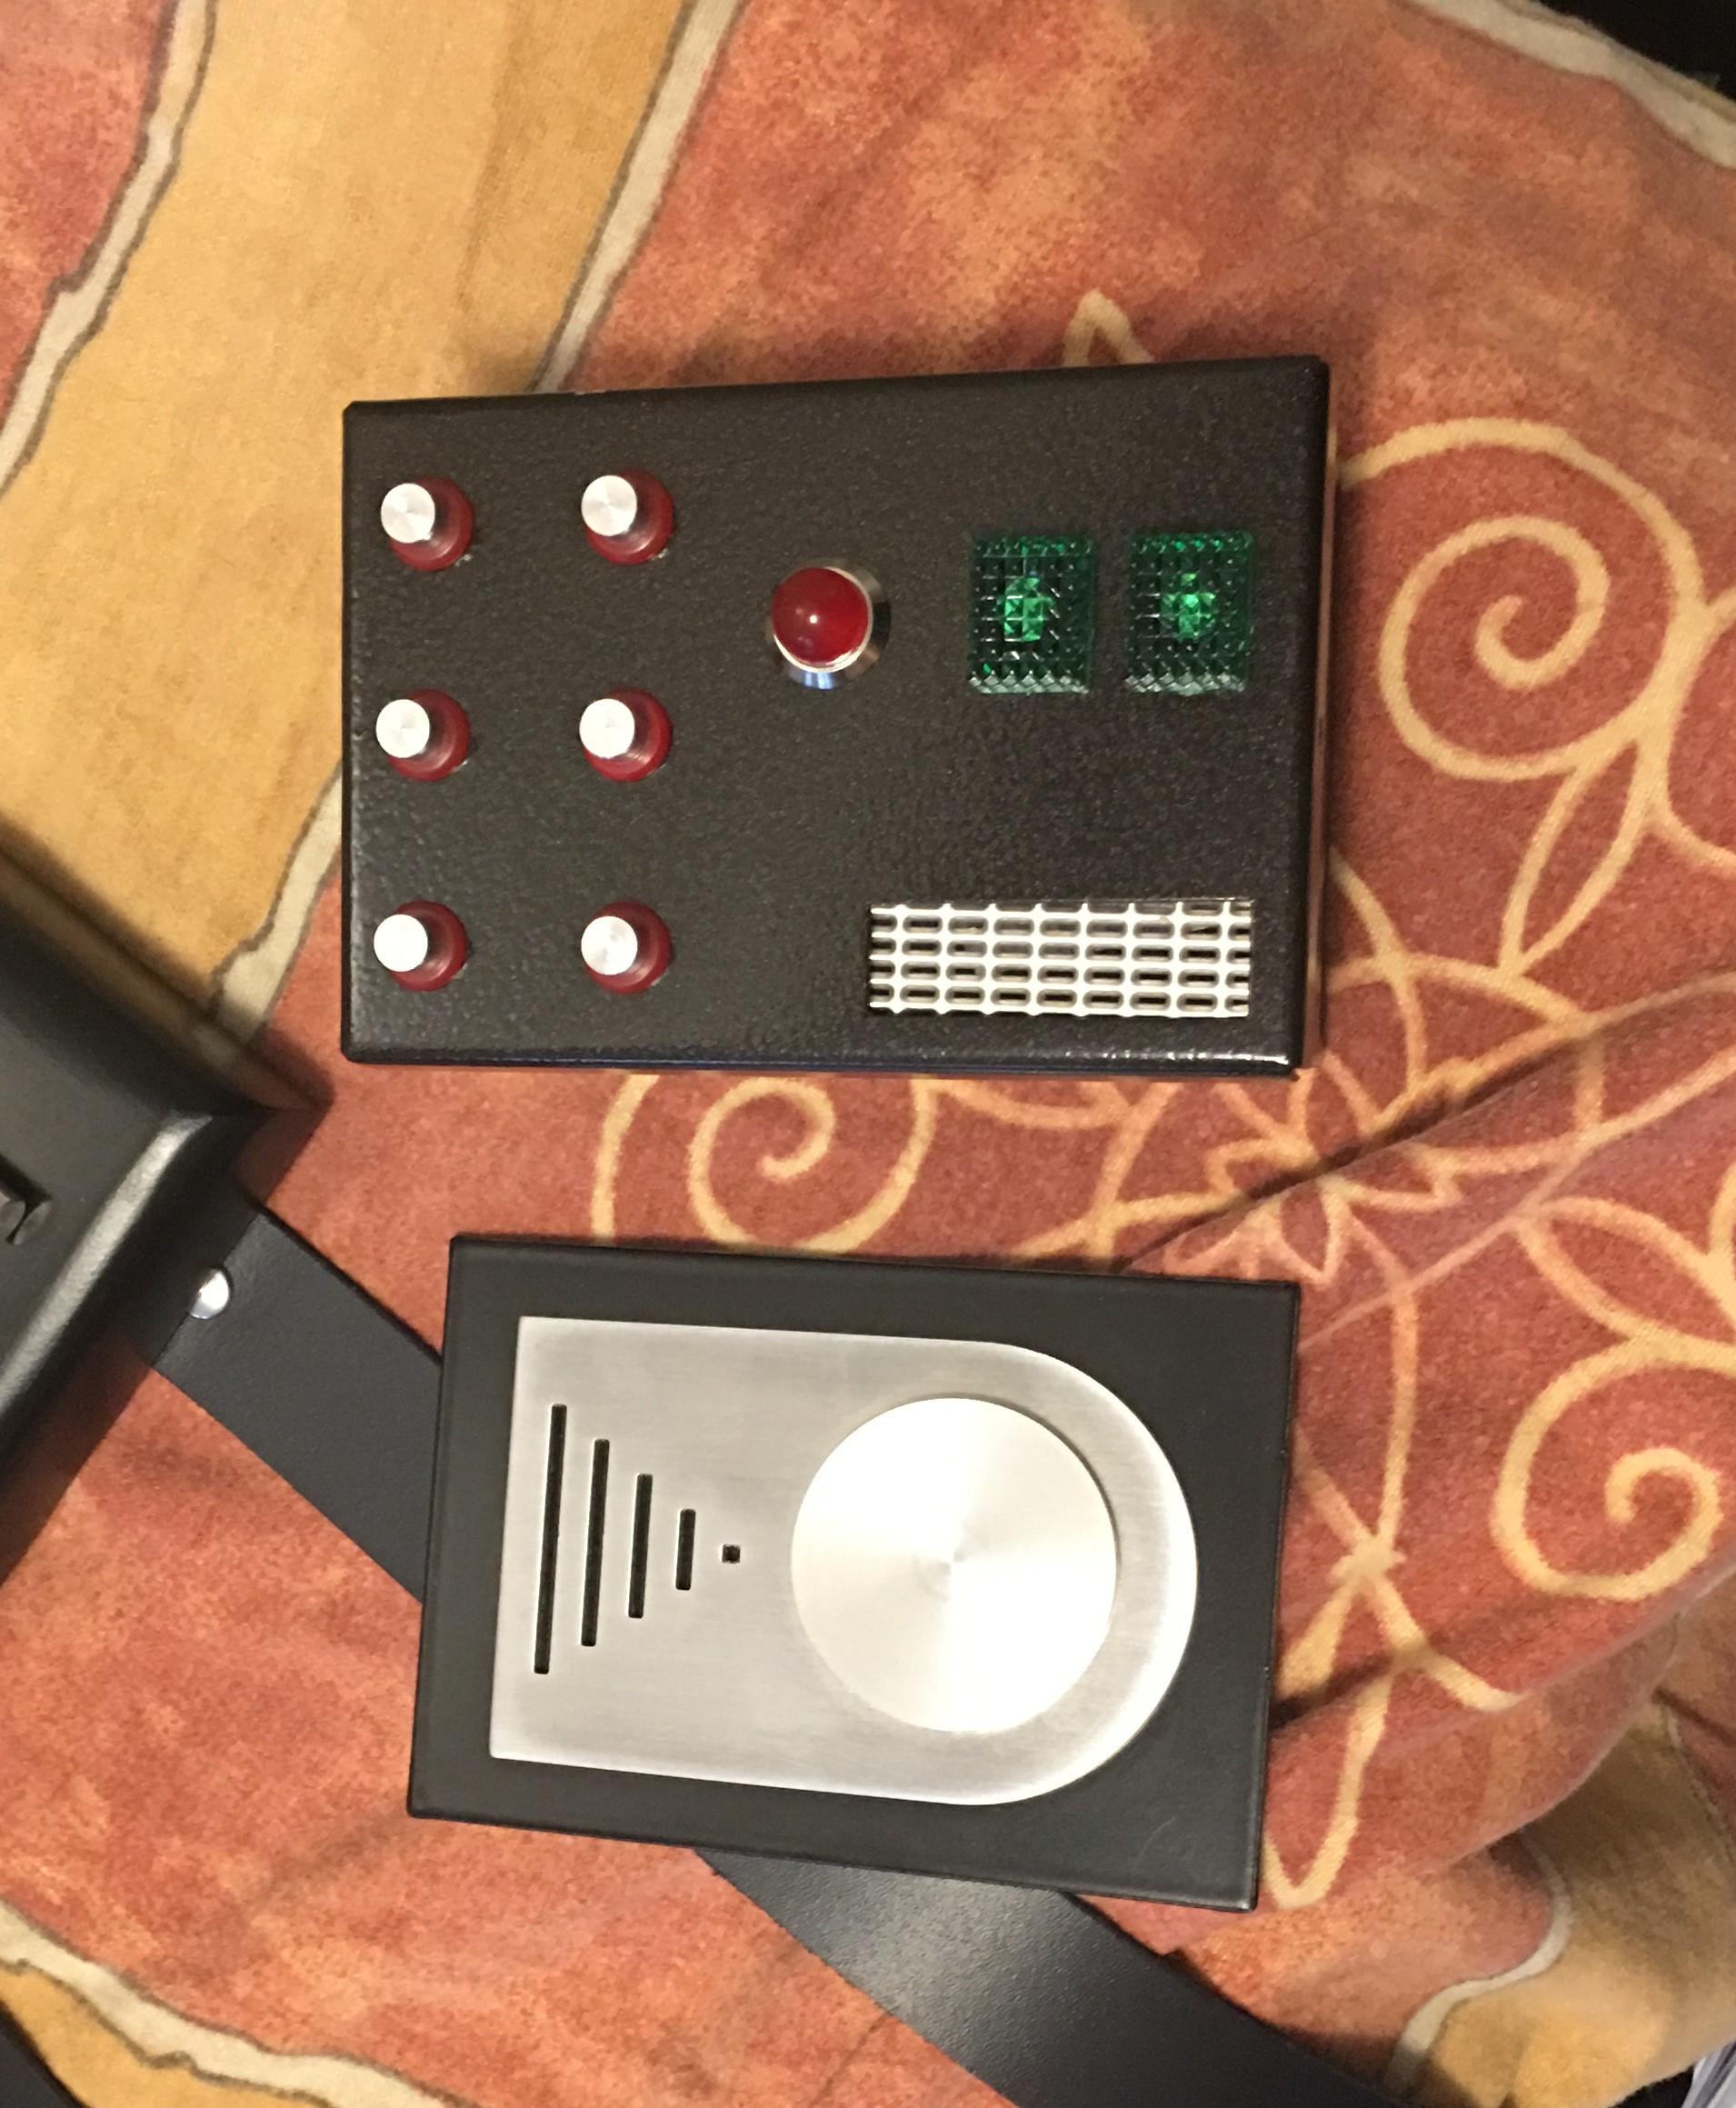 s438647550.online.de/PICS/boxes_rdy_5.JPG